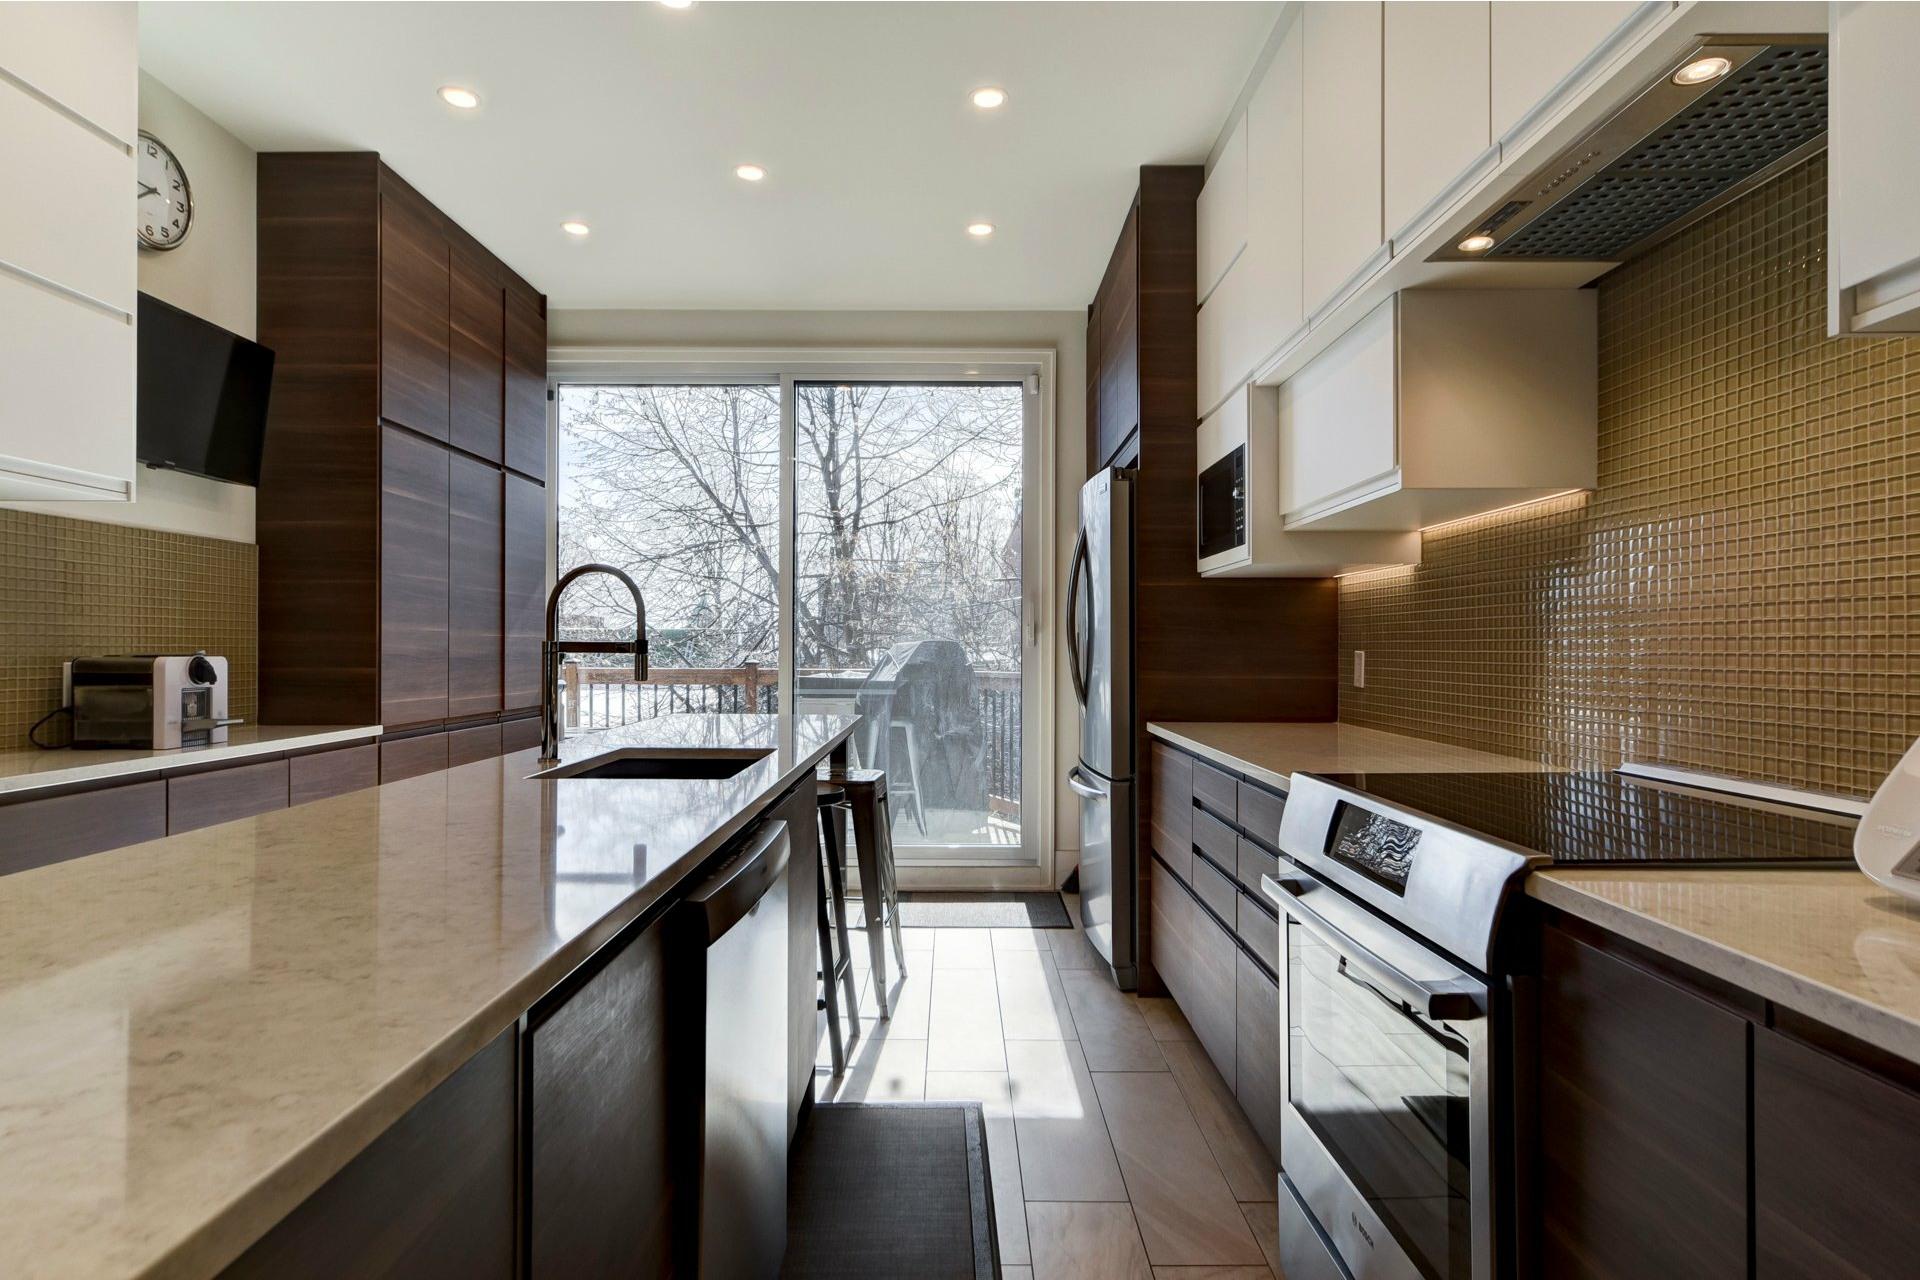 image 7 - Appartement À louer Côte-des-Neiges/Notre-Dame-de-Grâce Montréal  - 10 pièces